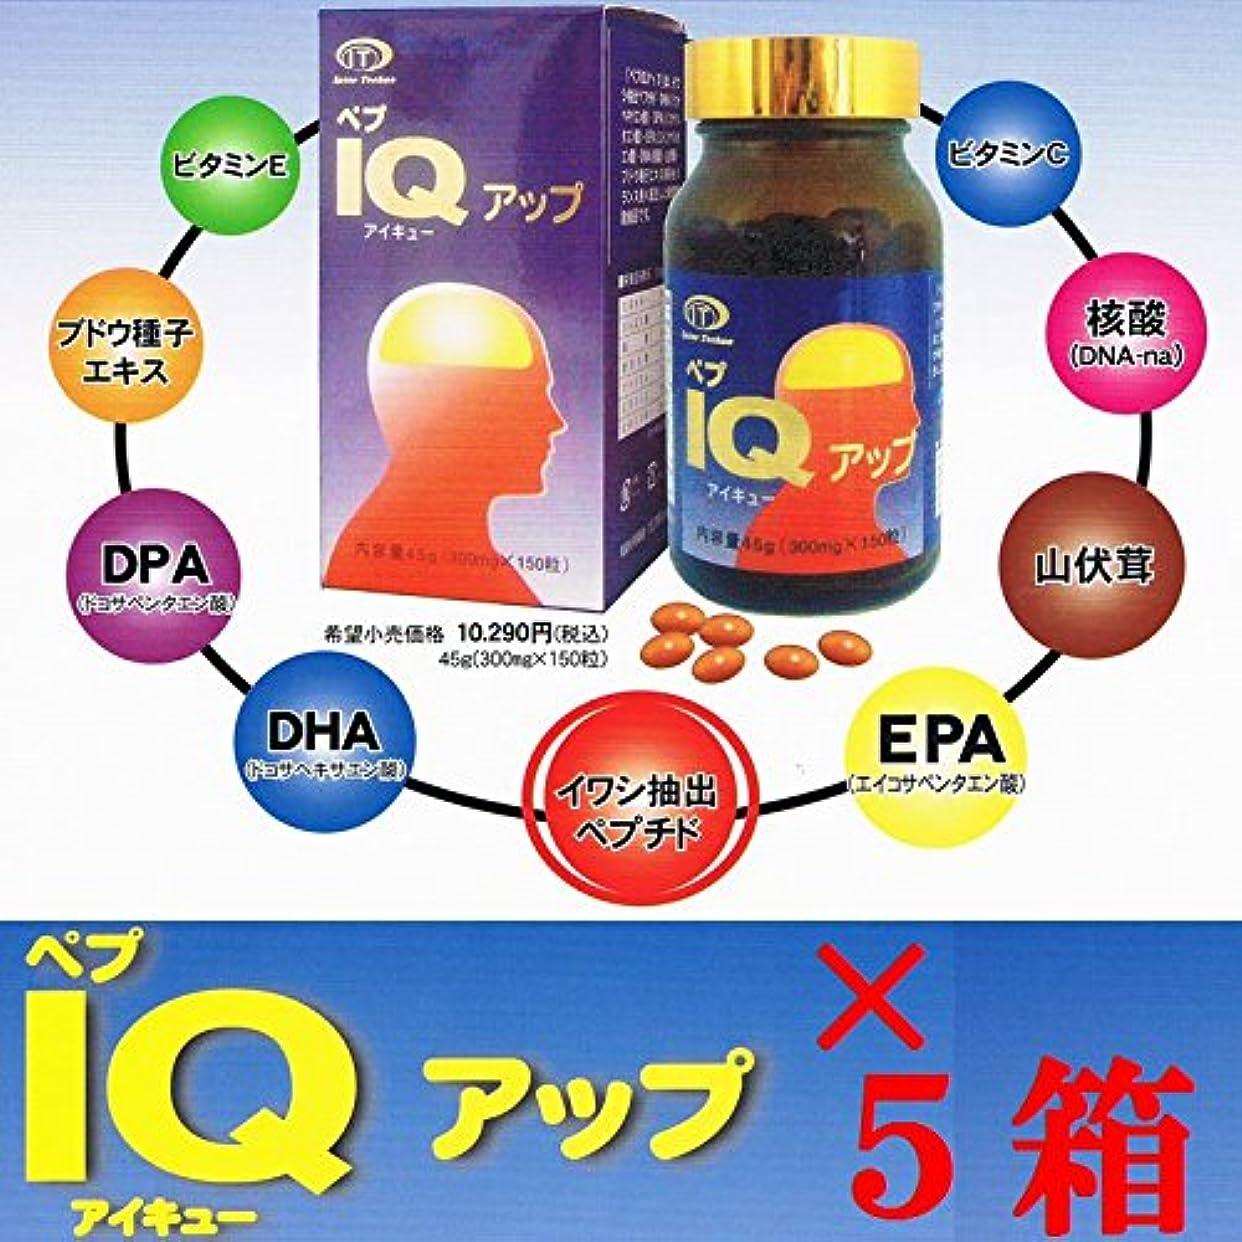 メンタリティうれしいフェンスペプIQアップ 150粒 ×超お得5箱セット 《記憶?思考、DHA、EPA》